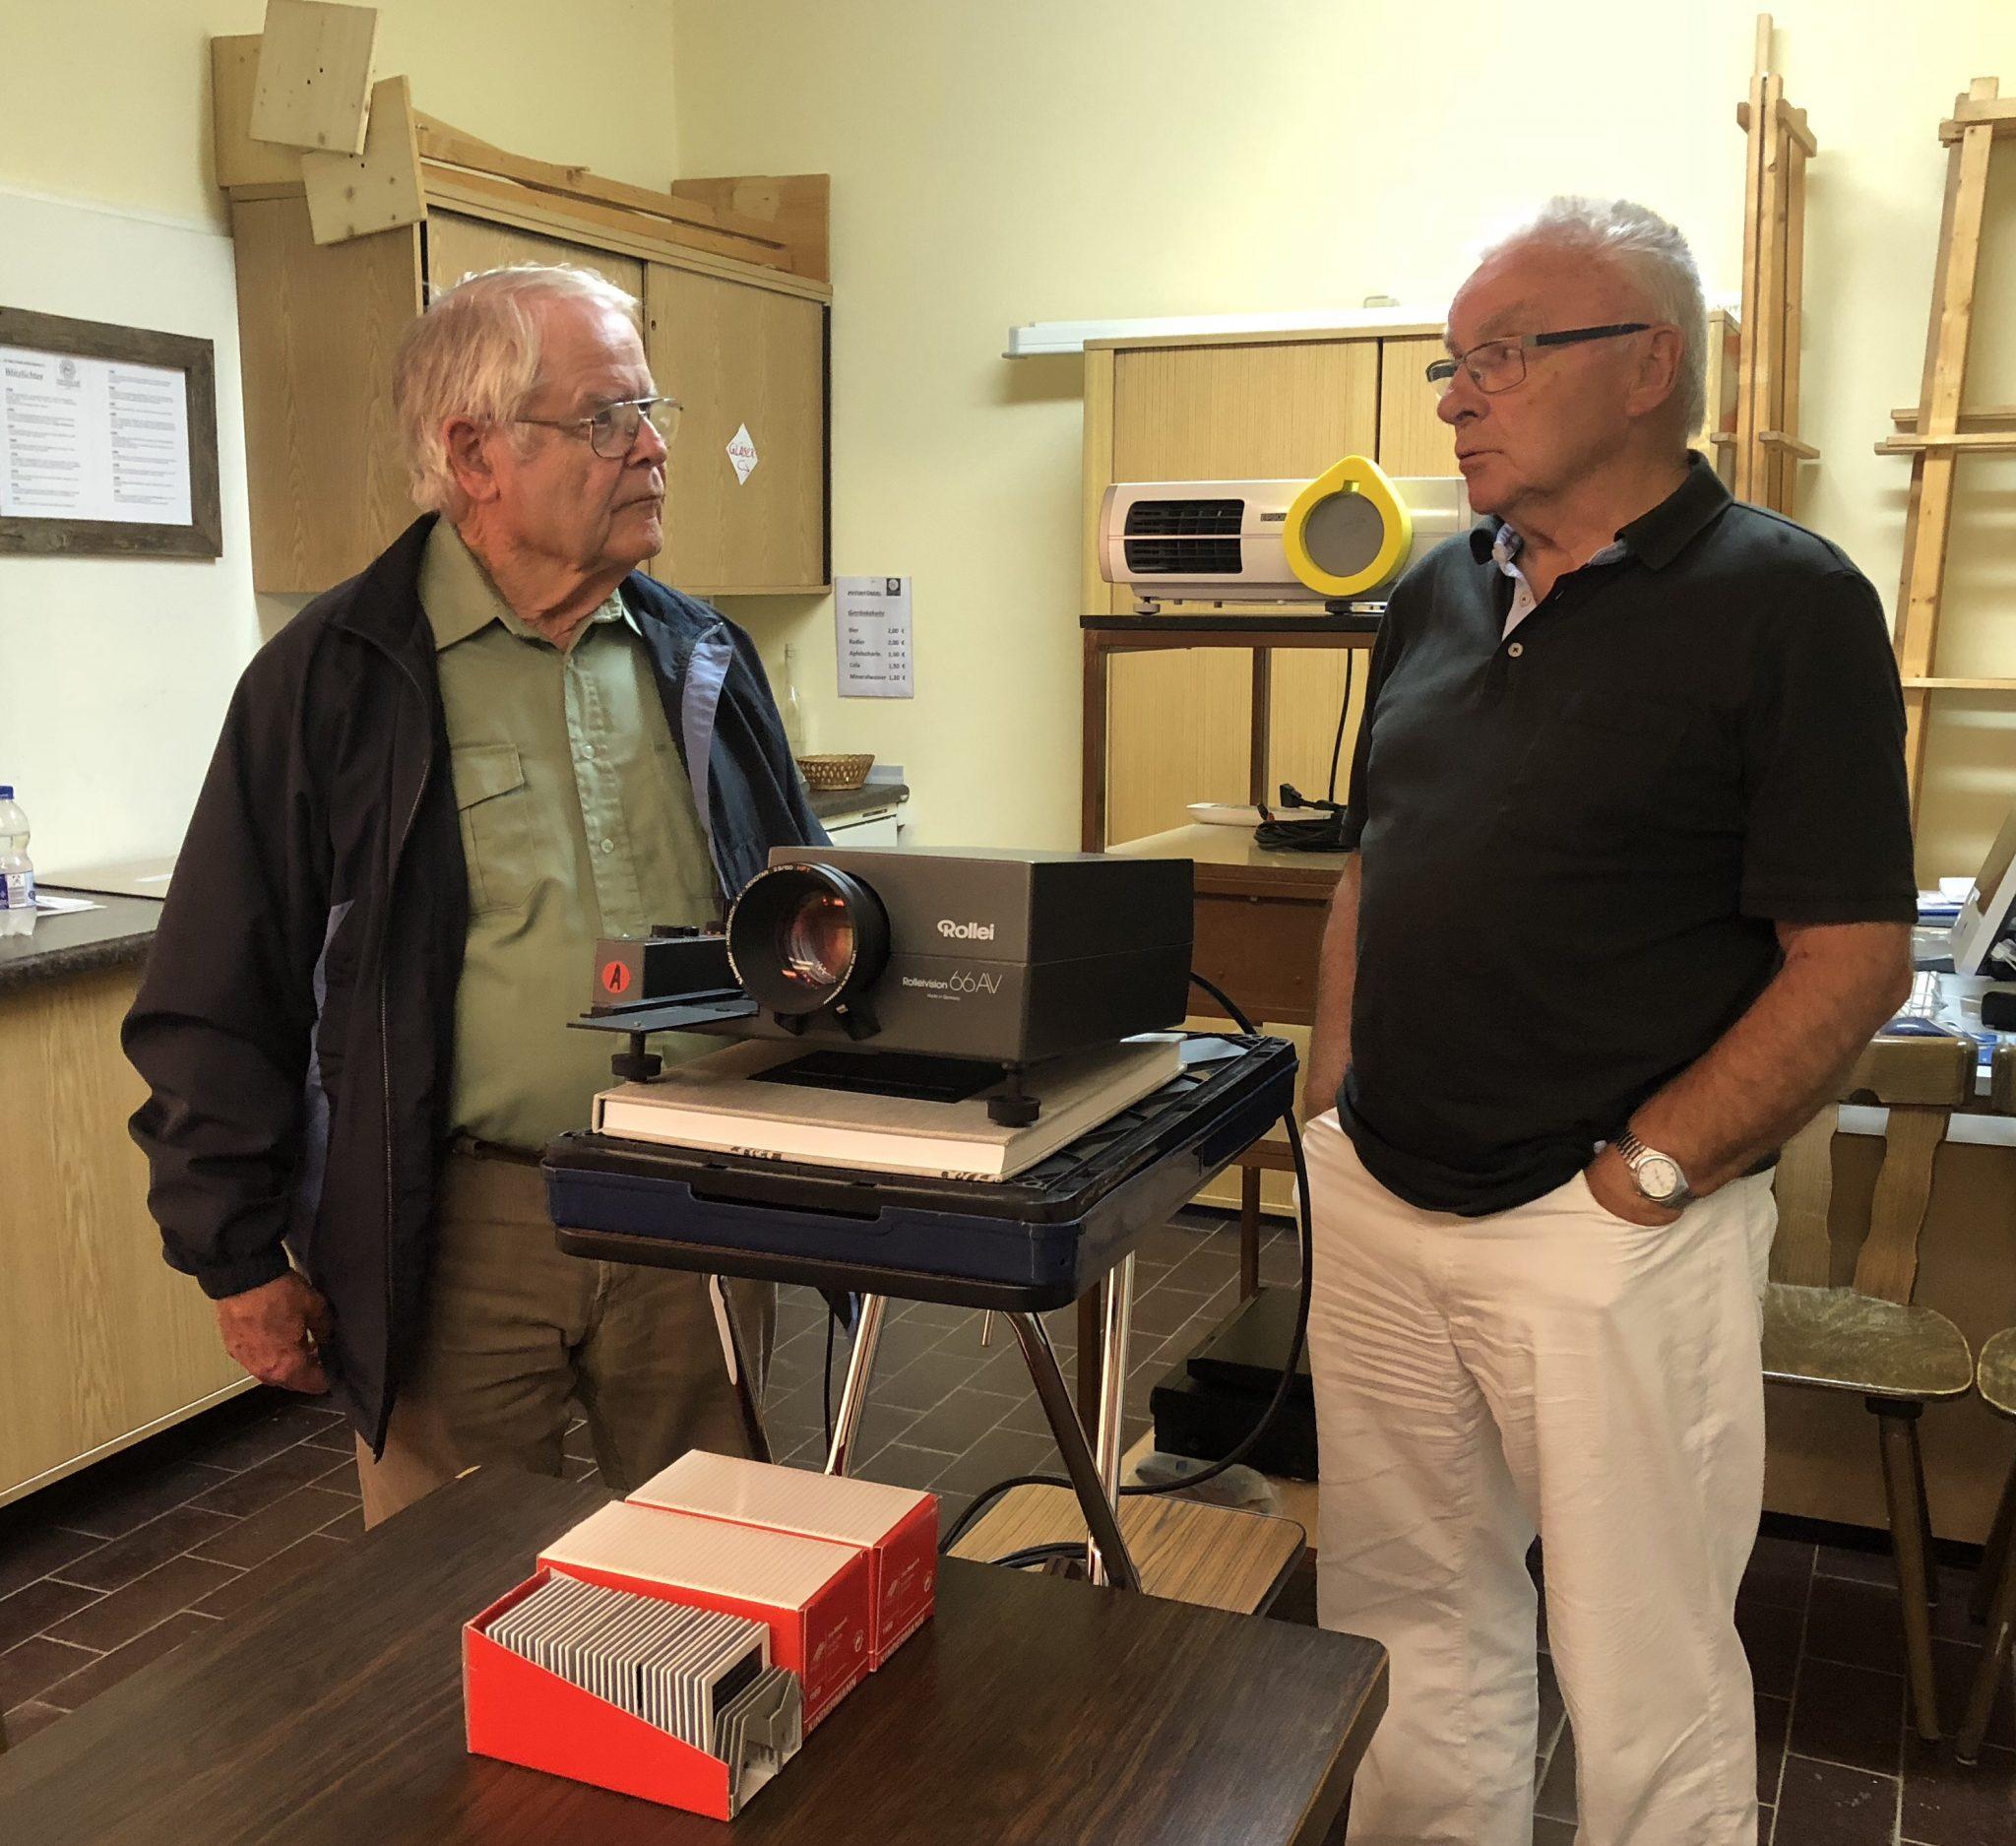 Hans Werner und Manfred Kersten unterhalten sich bei einem 6x6-Projektor über die gute alte Zeit... und darüber, was nicht so toll war.